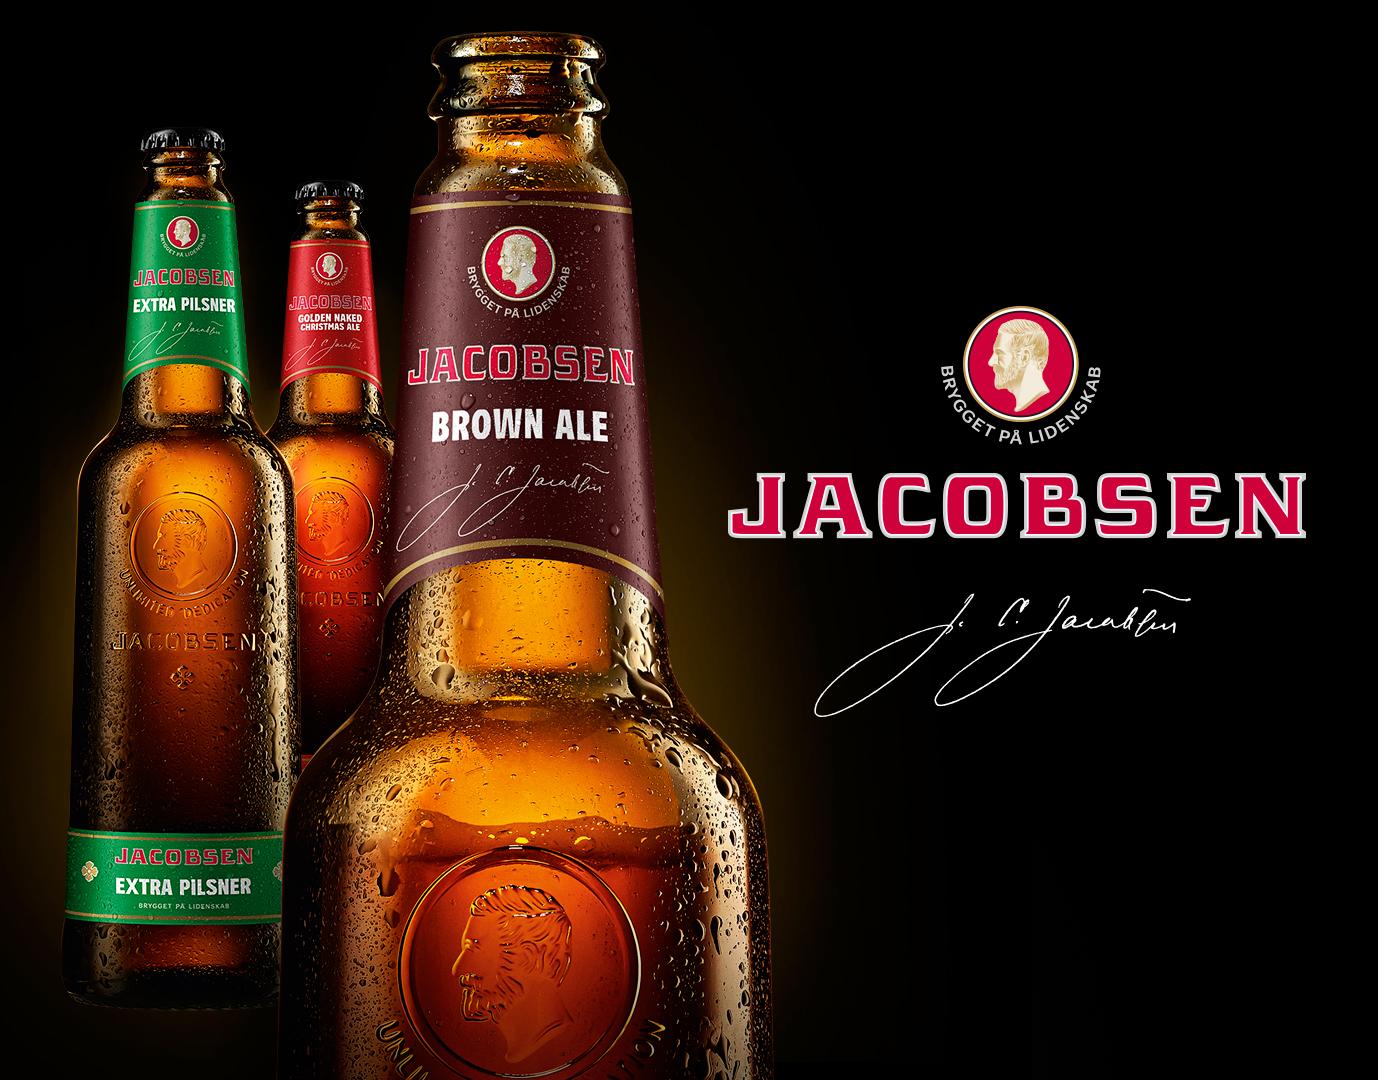 jacobsen-web1